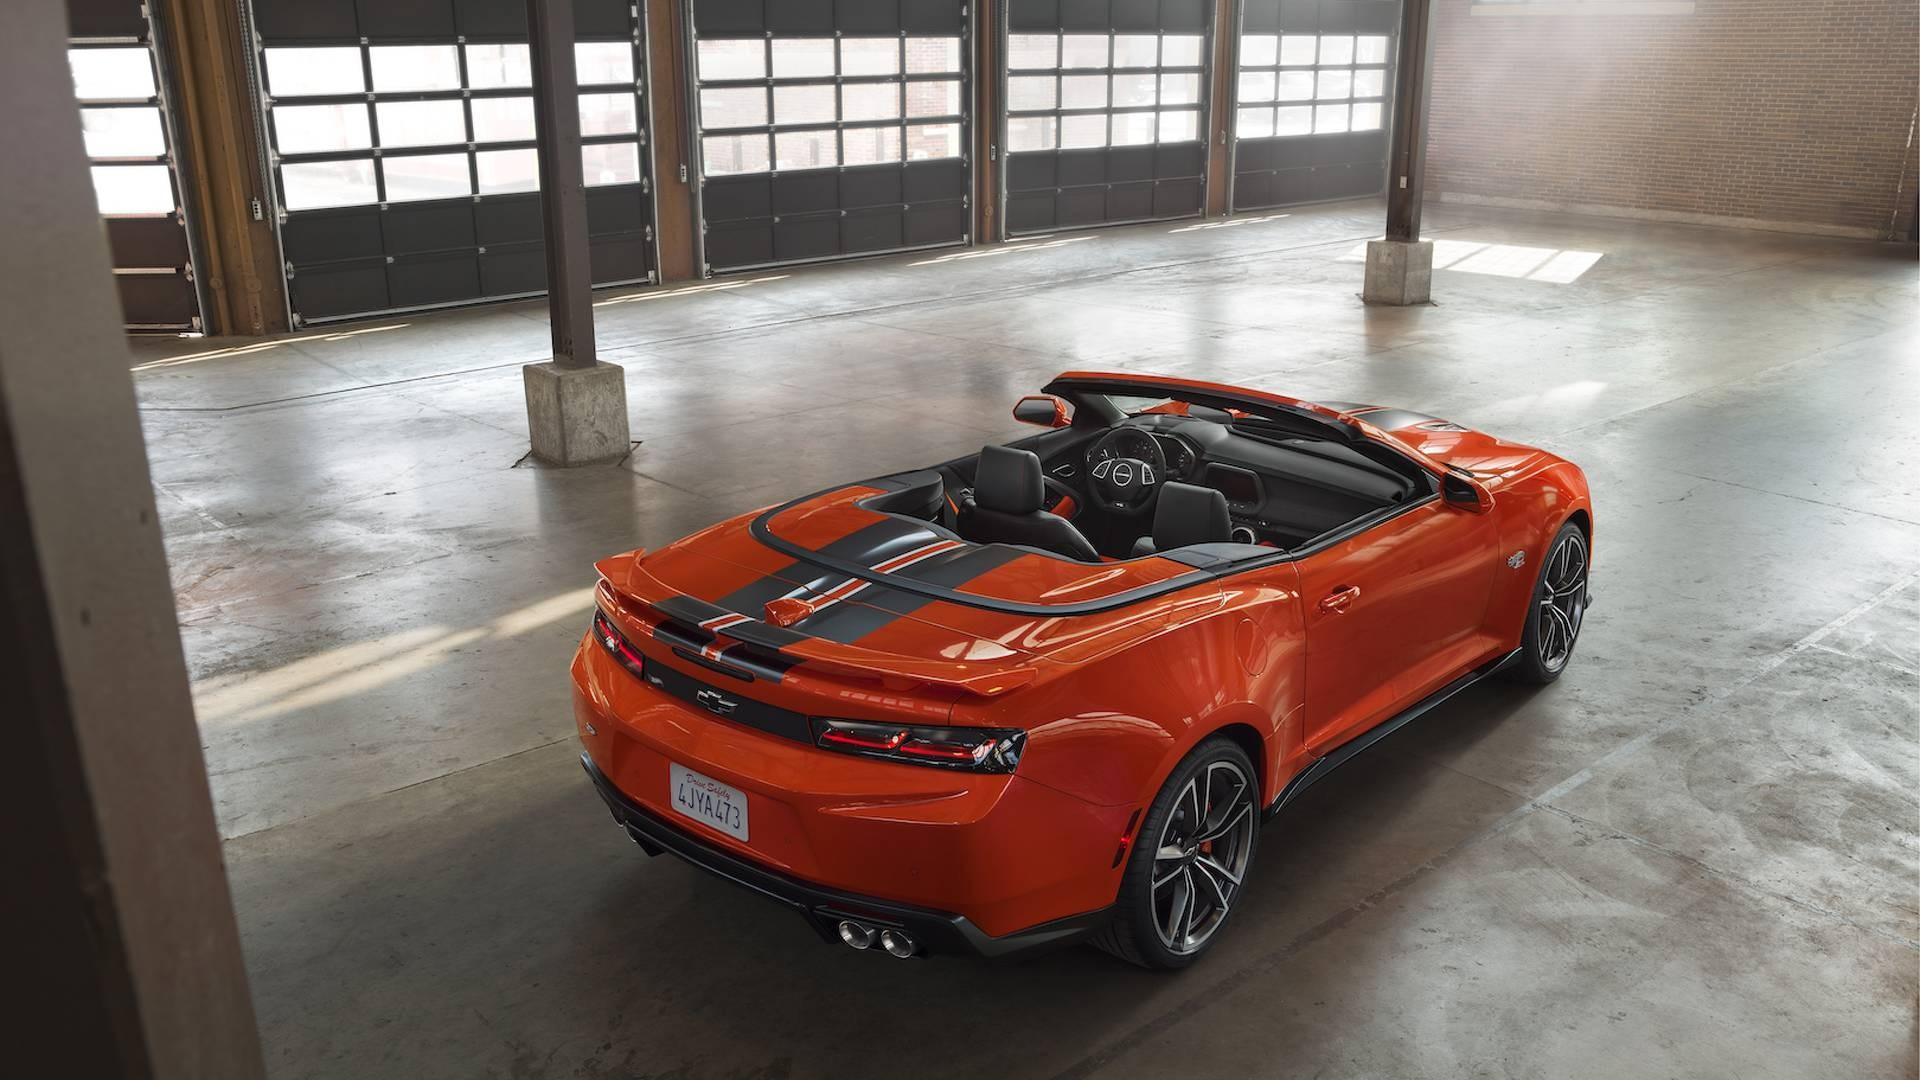 Шевроле выпустил игрушечную модификацию Шевроле Camaro Hot Wheels Edition